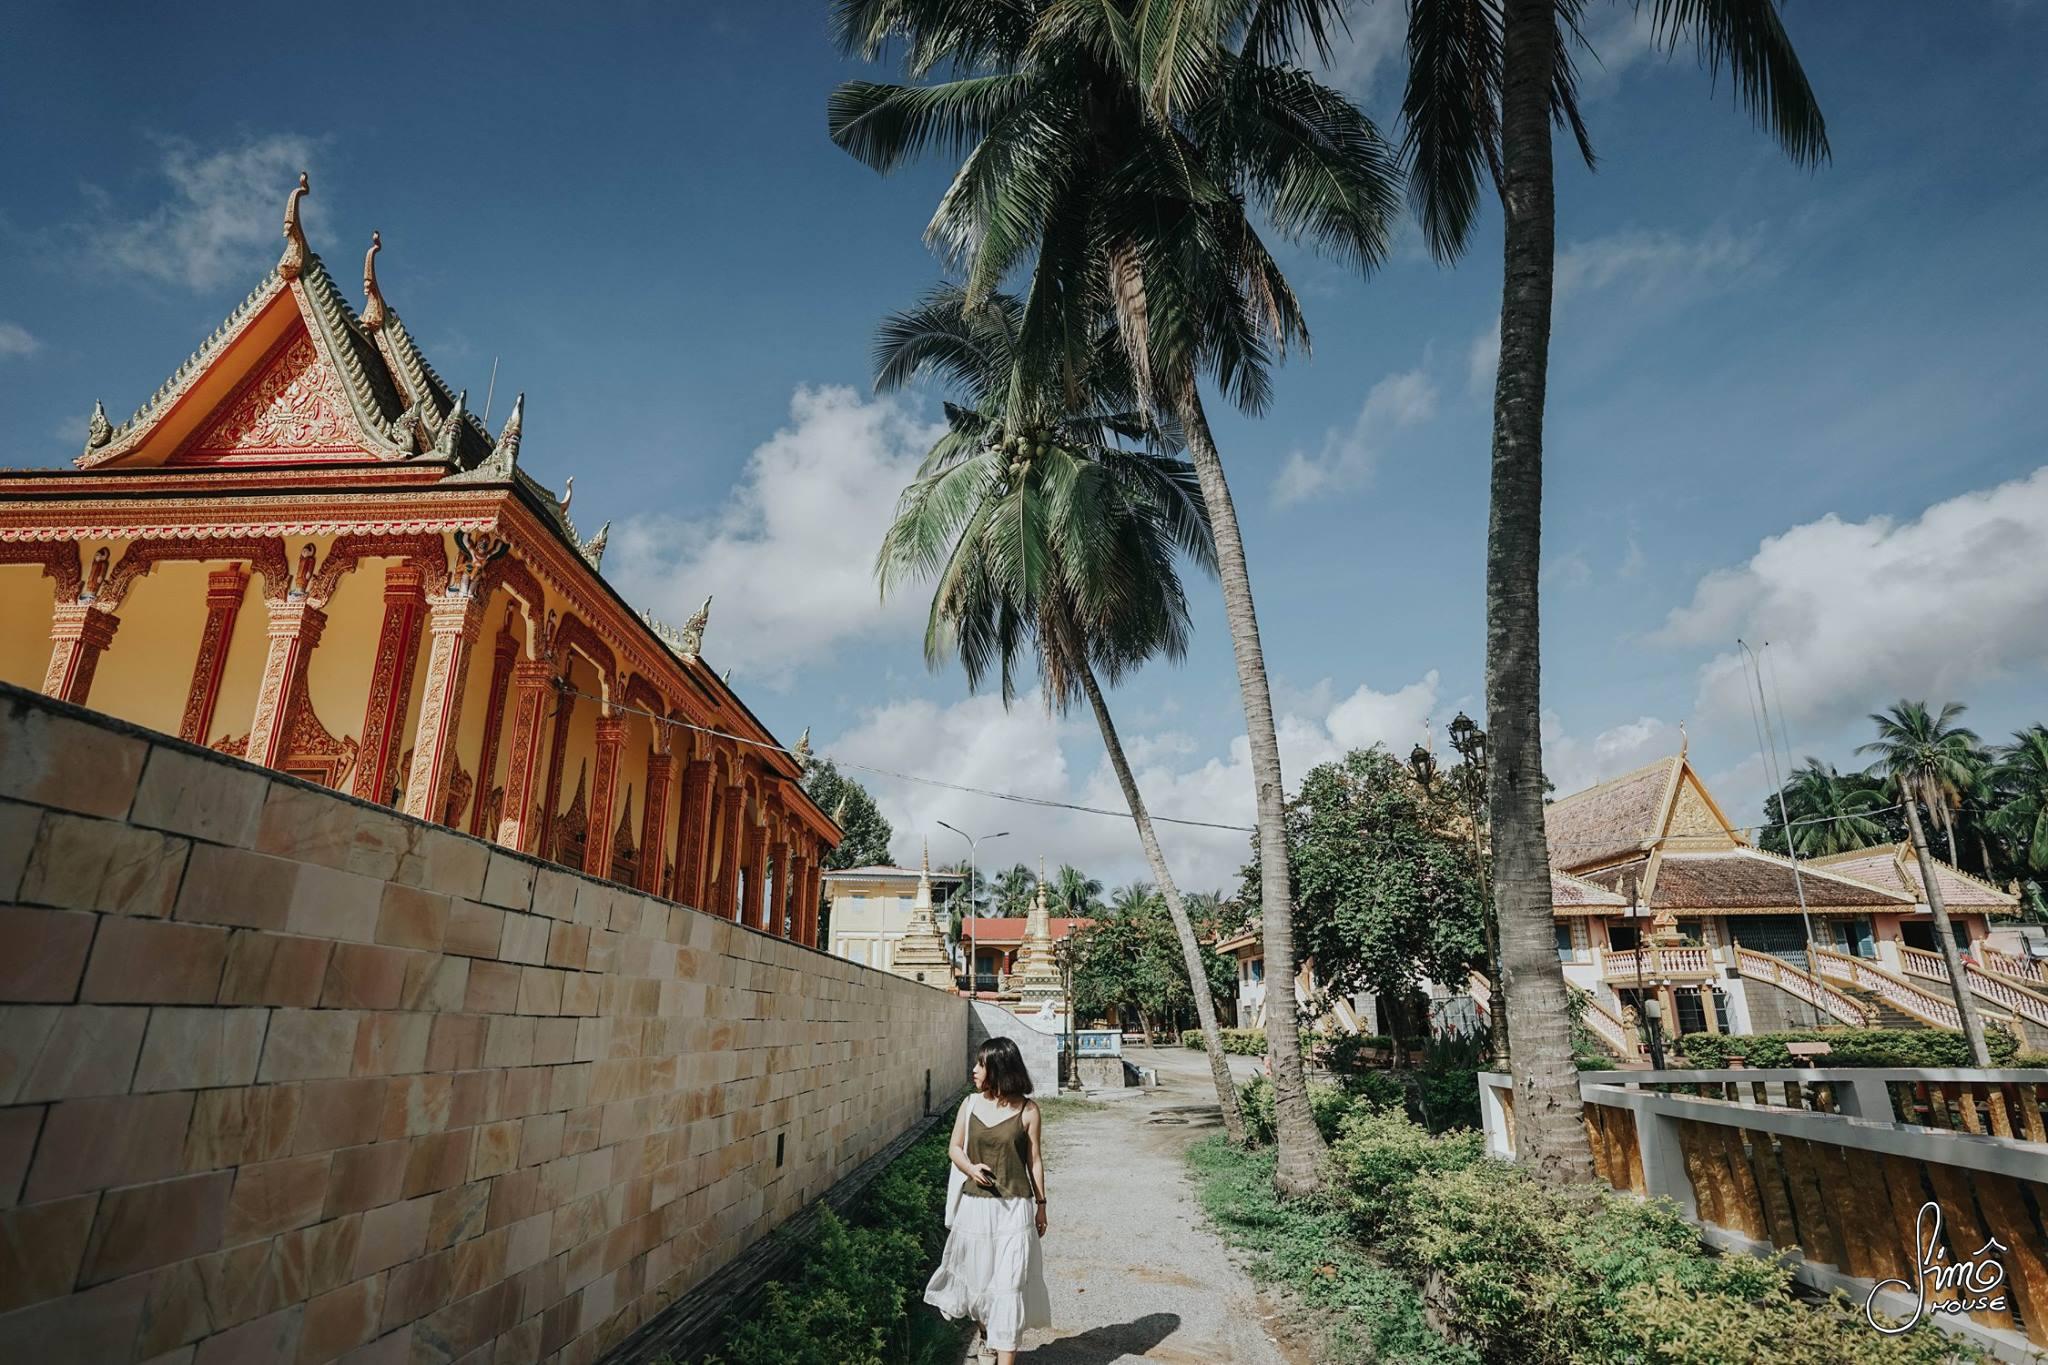 Khuôn viên rộng của chùa Xvayton. Hình: Hoàng Linh Hà